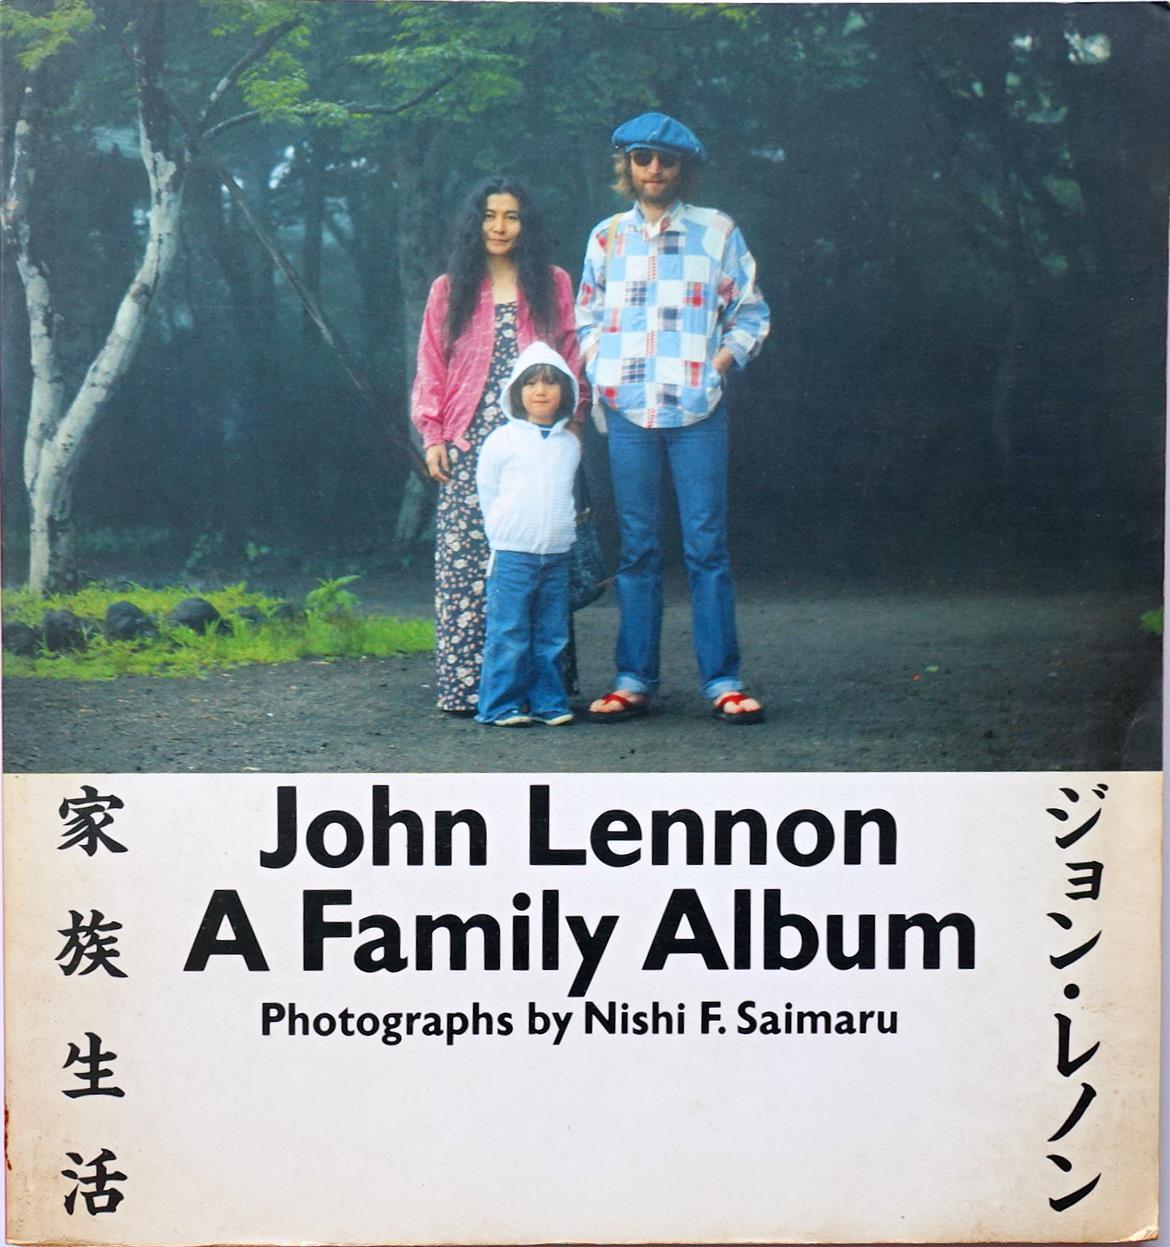 家族記念写真集『ジョン・レノン家族生活』(西丸文也著 小学館刊)。ジョンとヨーコとショーンの幸せな日々が収められている。